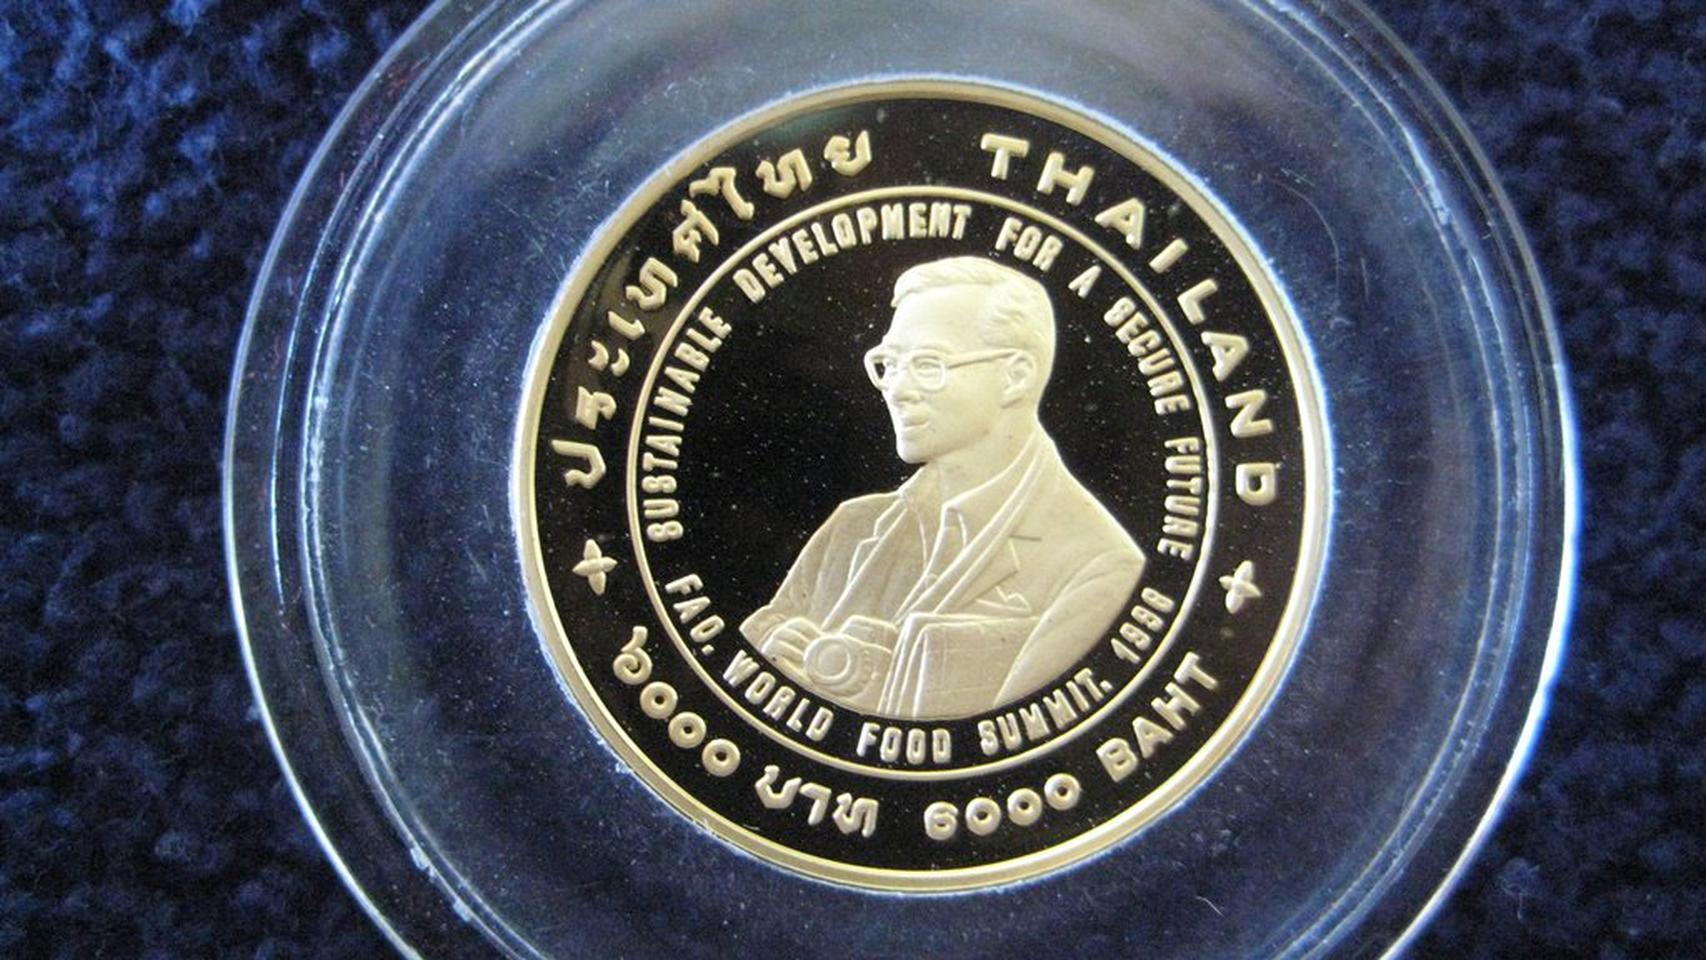 เหรียญกษาปณ์ที่ระลึก ทองคำขัดเงา ชุดอะกริคอลา ปี 2538 (ผลิตประมาณ 2,500 เหรียญเท่านั้น) รูปที่ 1